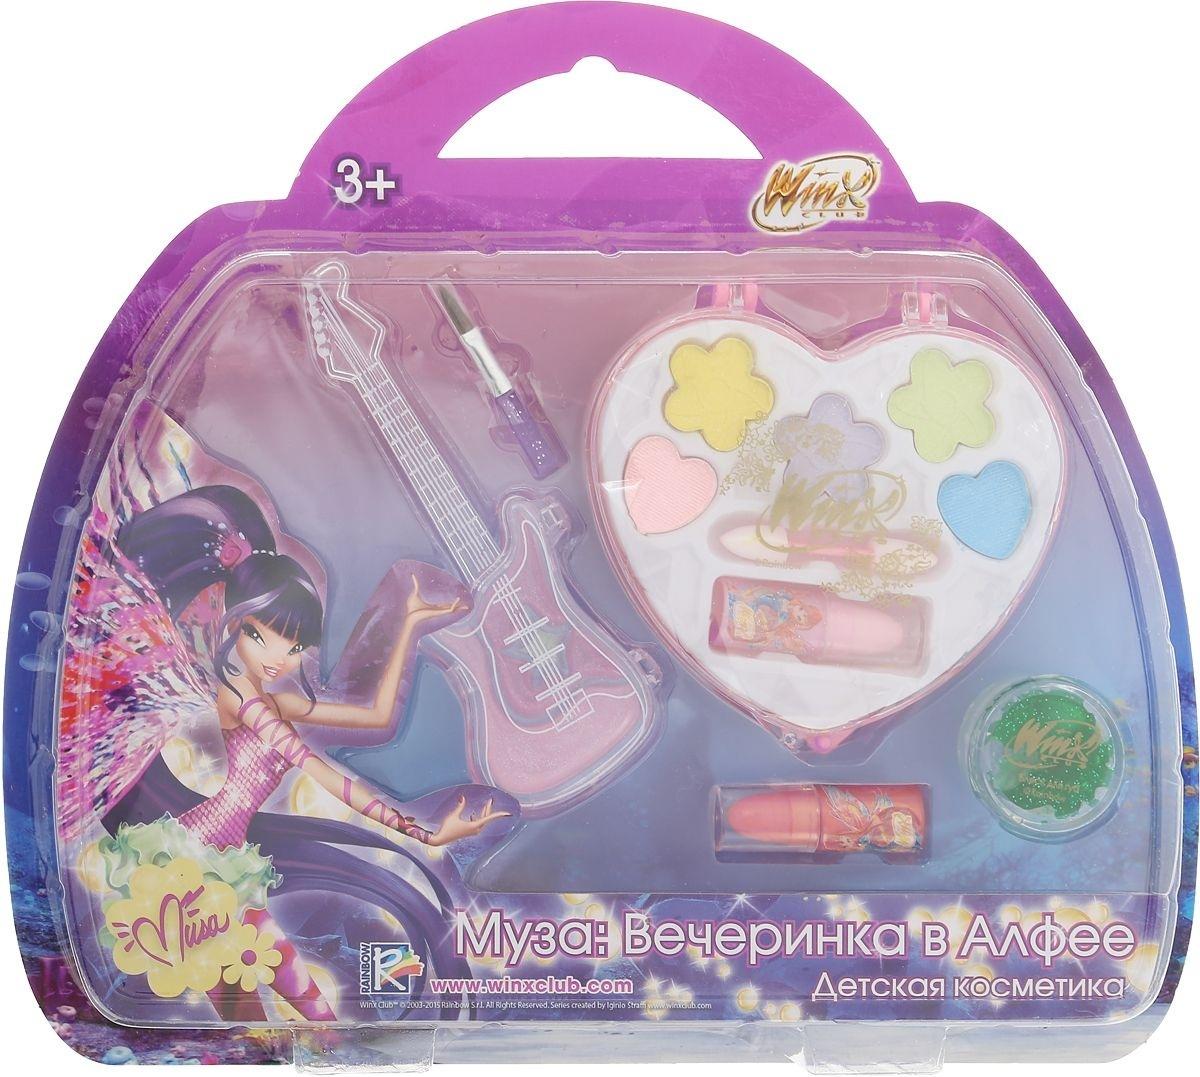 Купить наборы детской косметики чемоданчик винкс где купить косметику priori